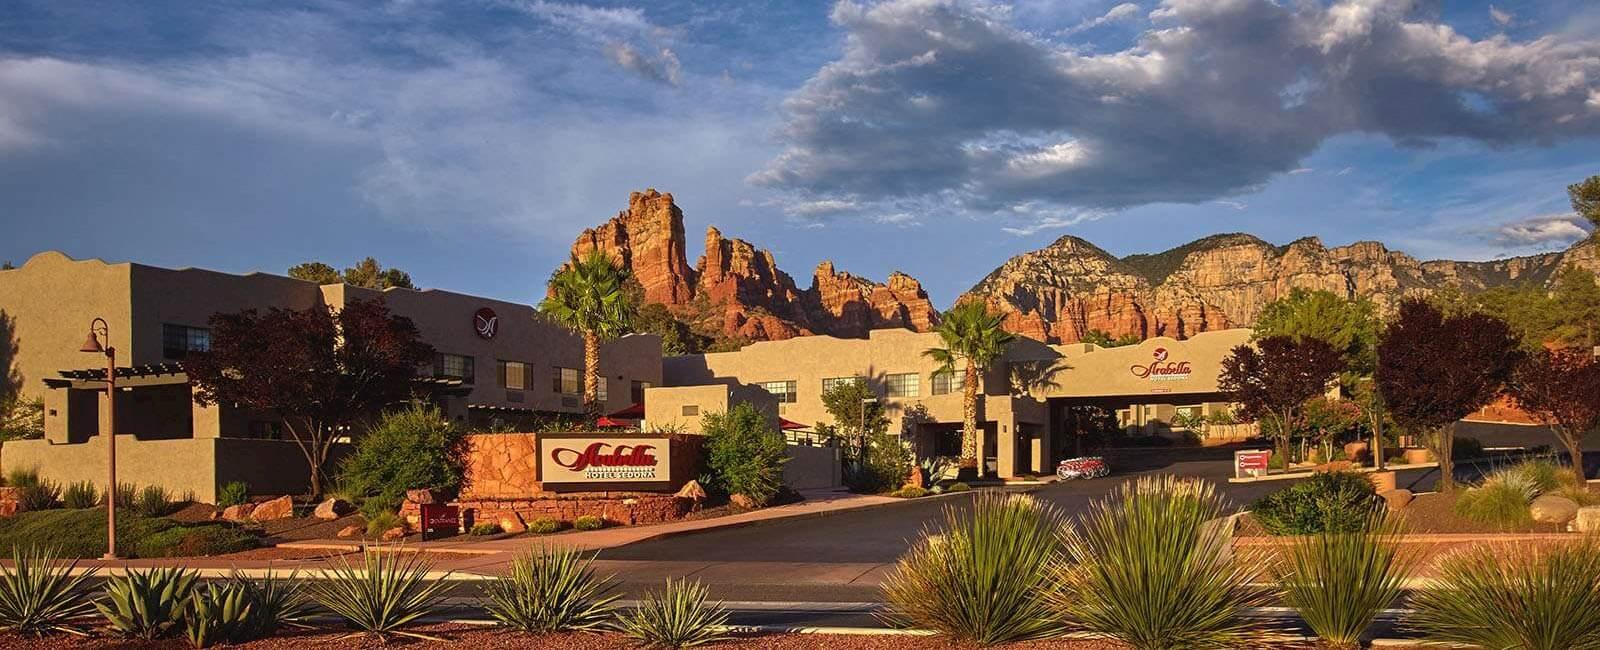 <アメリカン航空> アメリカの大自然を満喫できるアリゾナ州セドナ 【アラベラホテル】4泊 朝食・送迎付き カード決済OK!